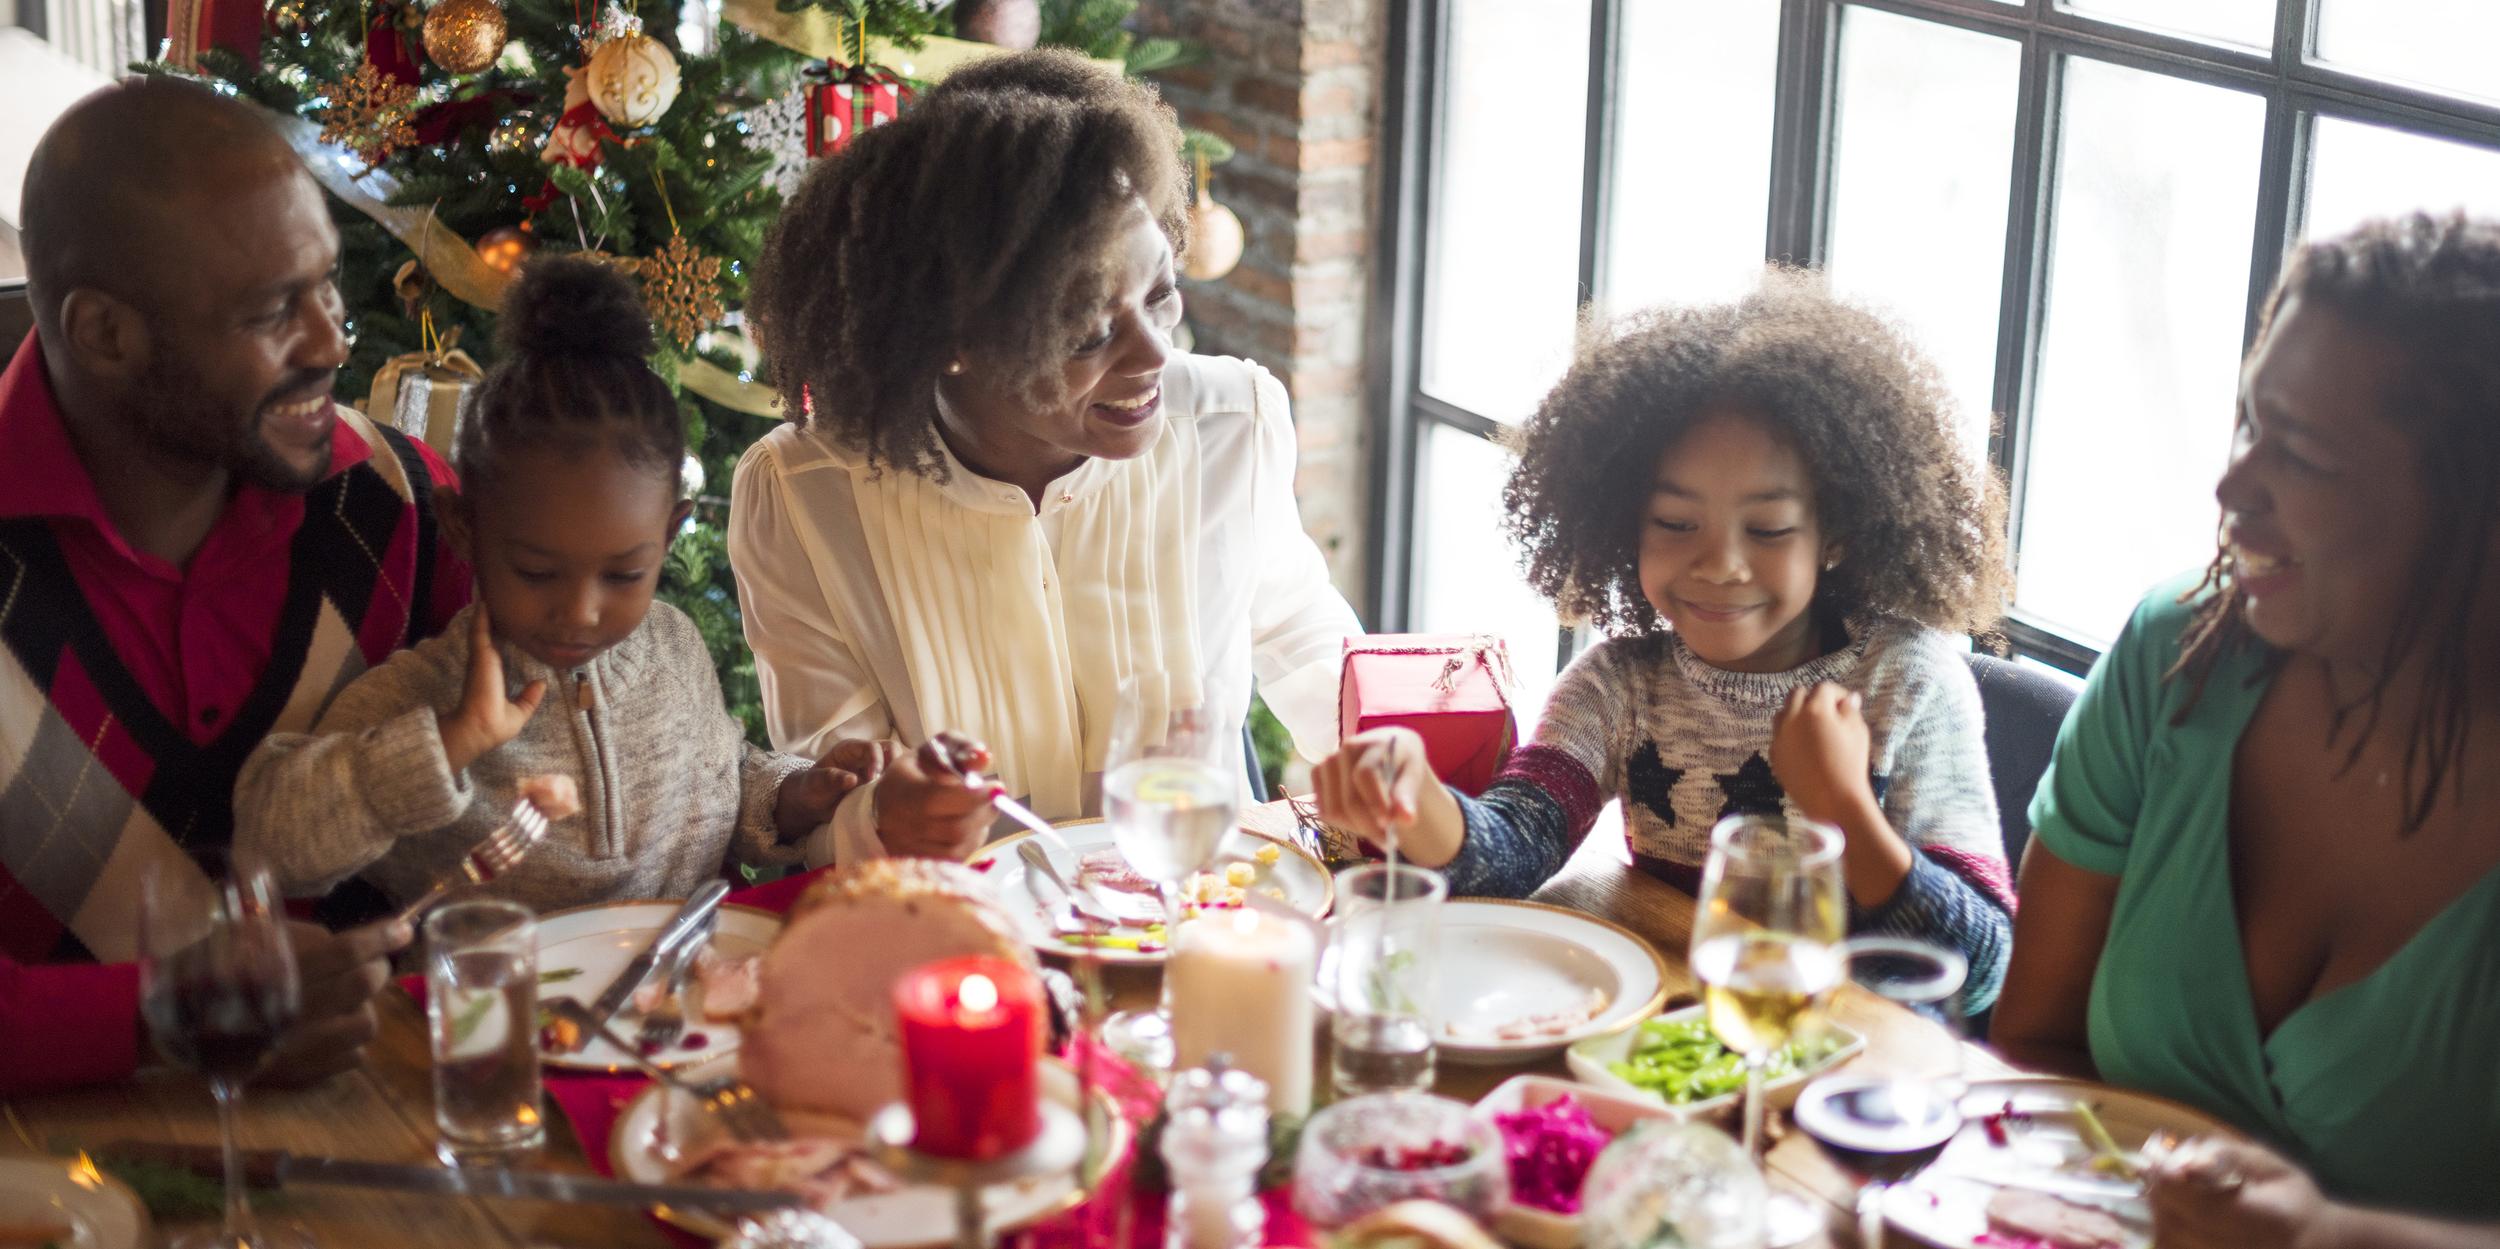 Design Thinking Human Centered Design Family Dinner